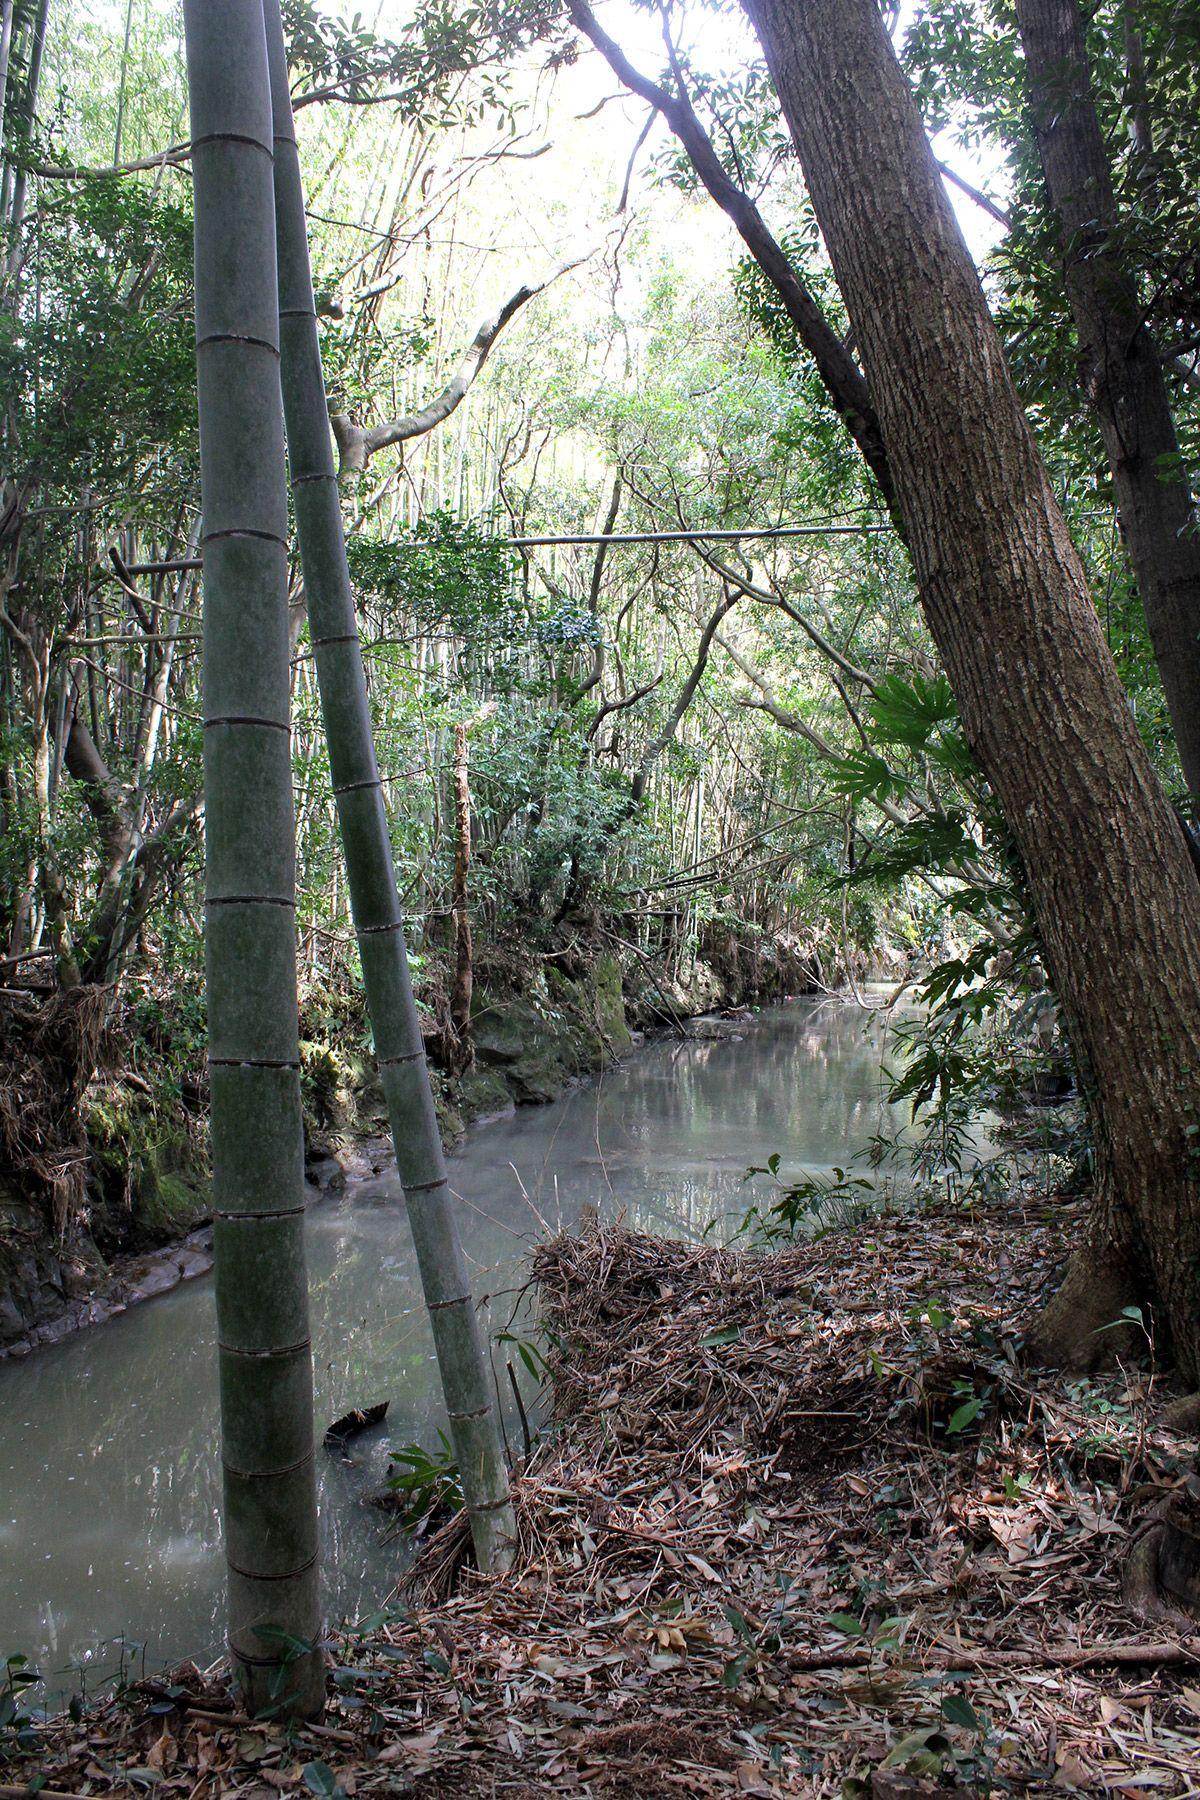 古民家スタジオ 火林荘(かりんそう)敷地内の川